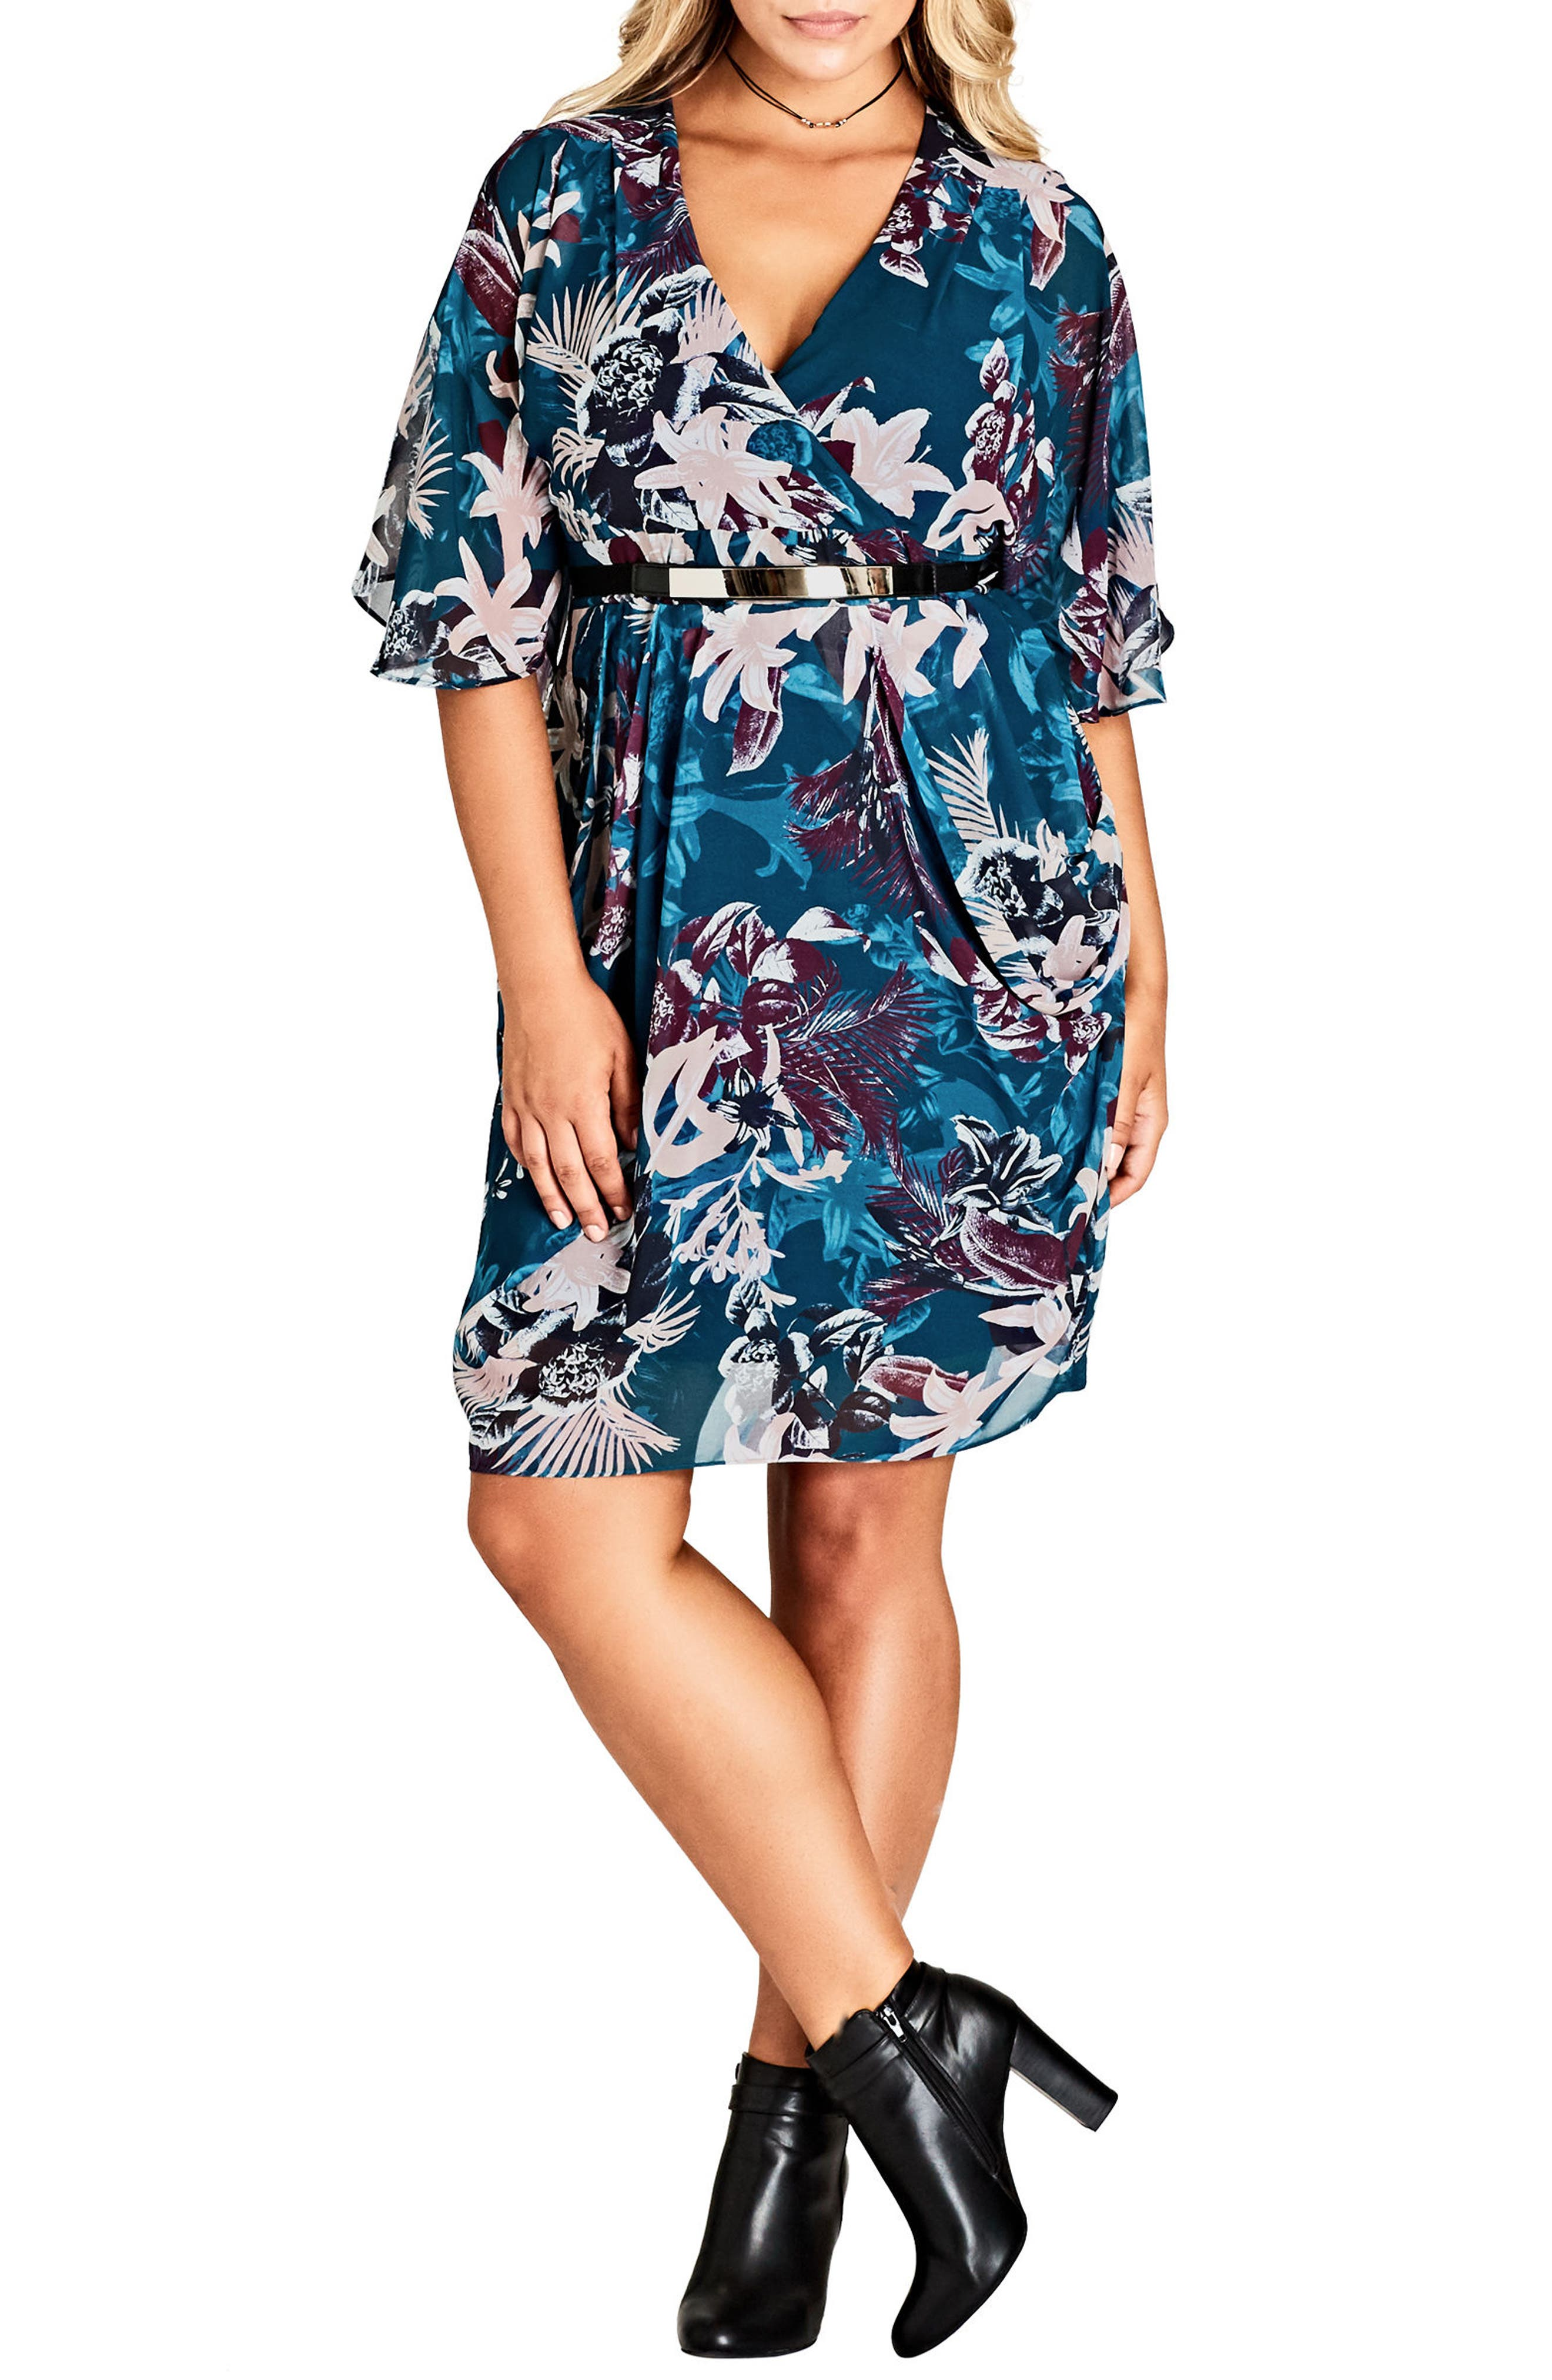 Envelop Me Chiffon Dress,                             Main thumbnail 1, color,                             JUNGLE FLORAL